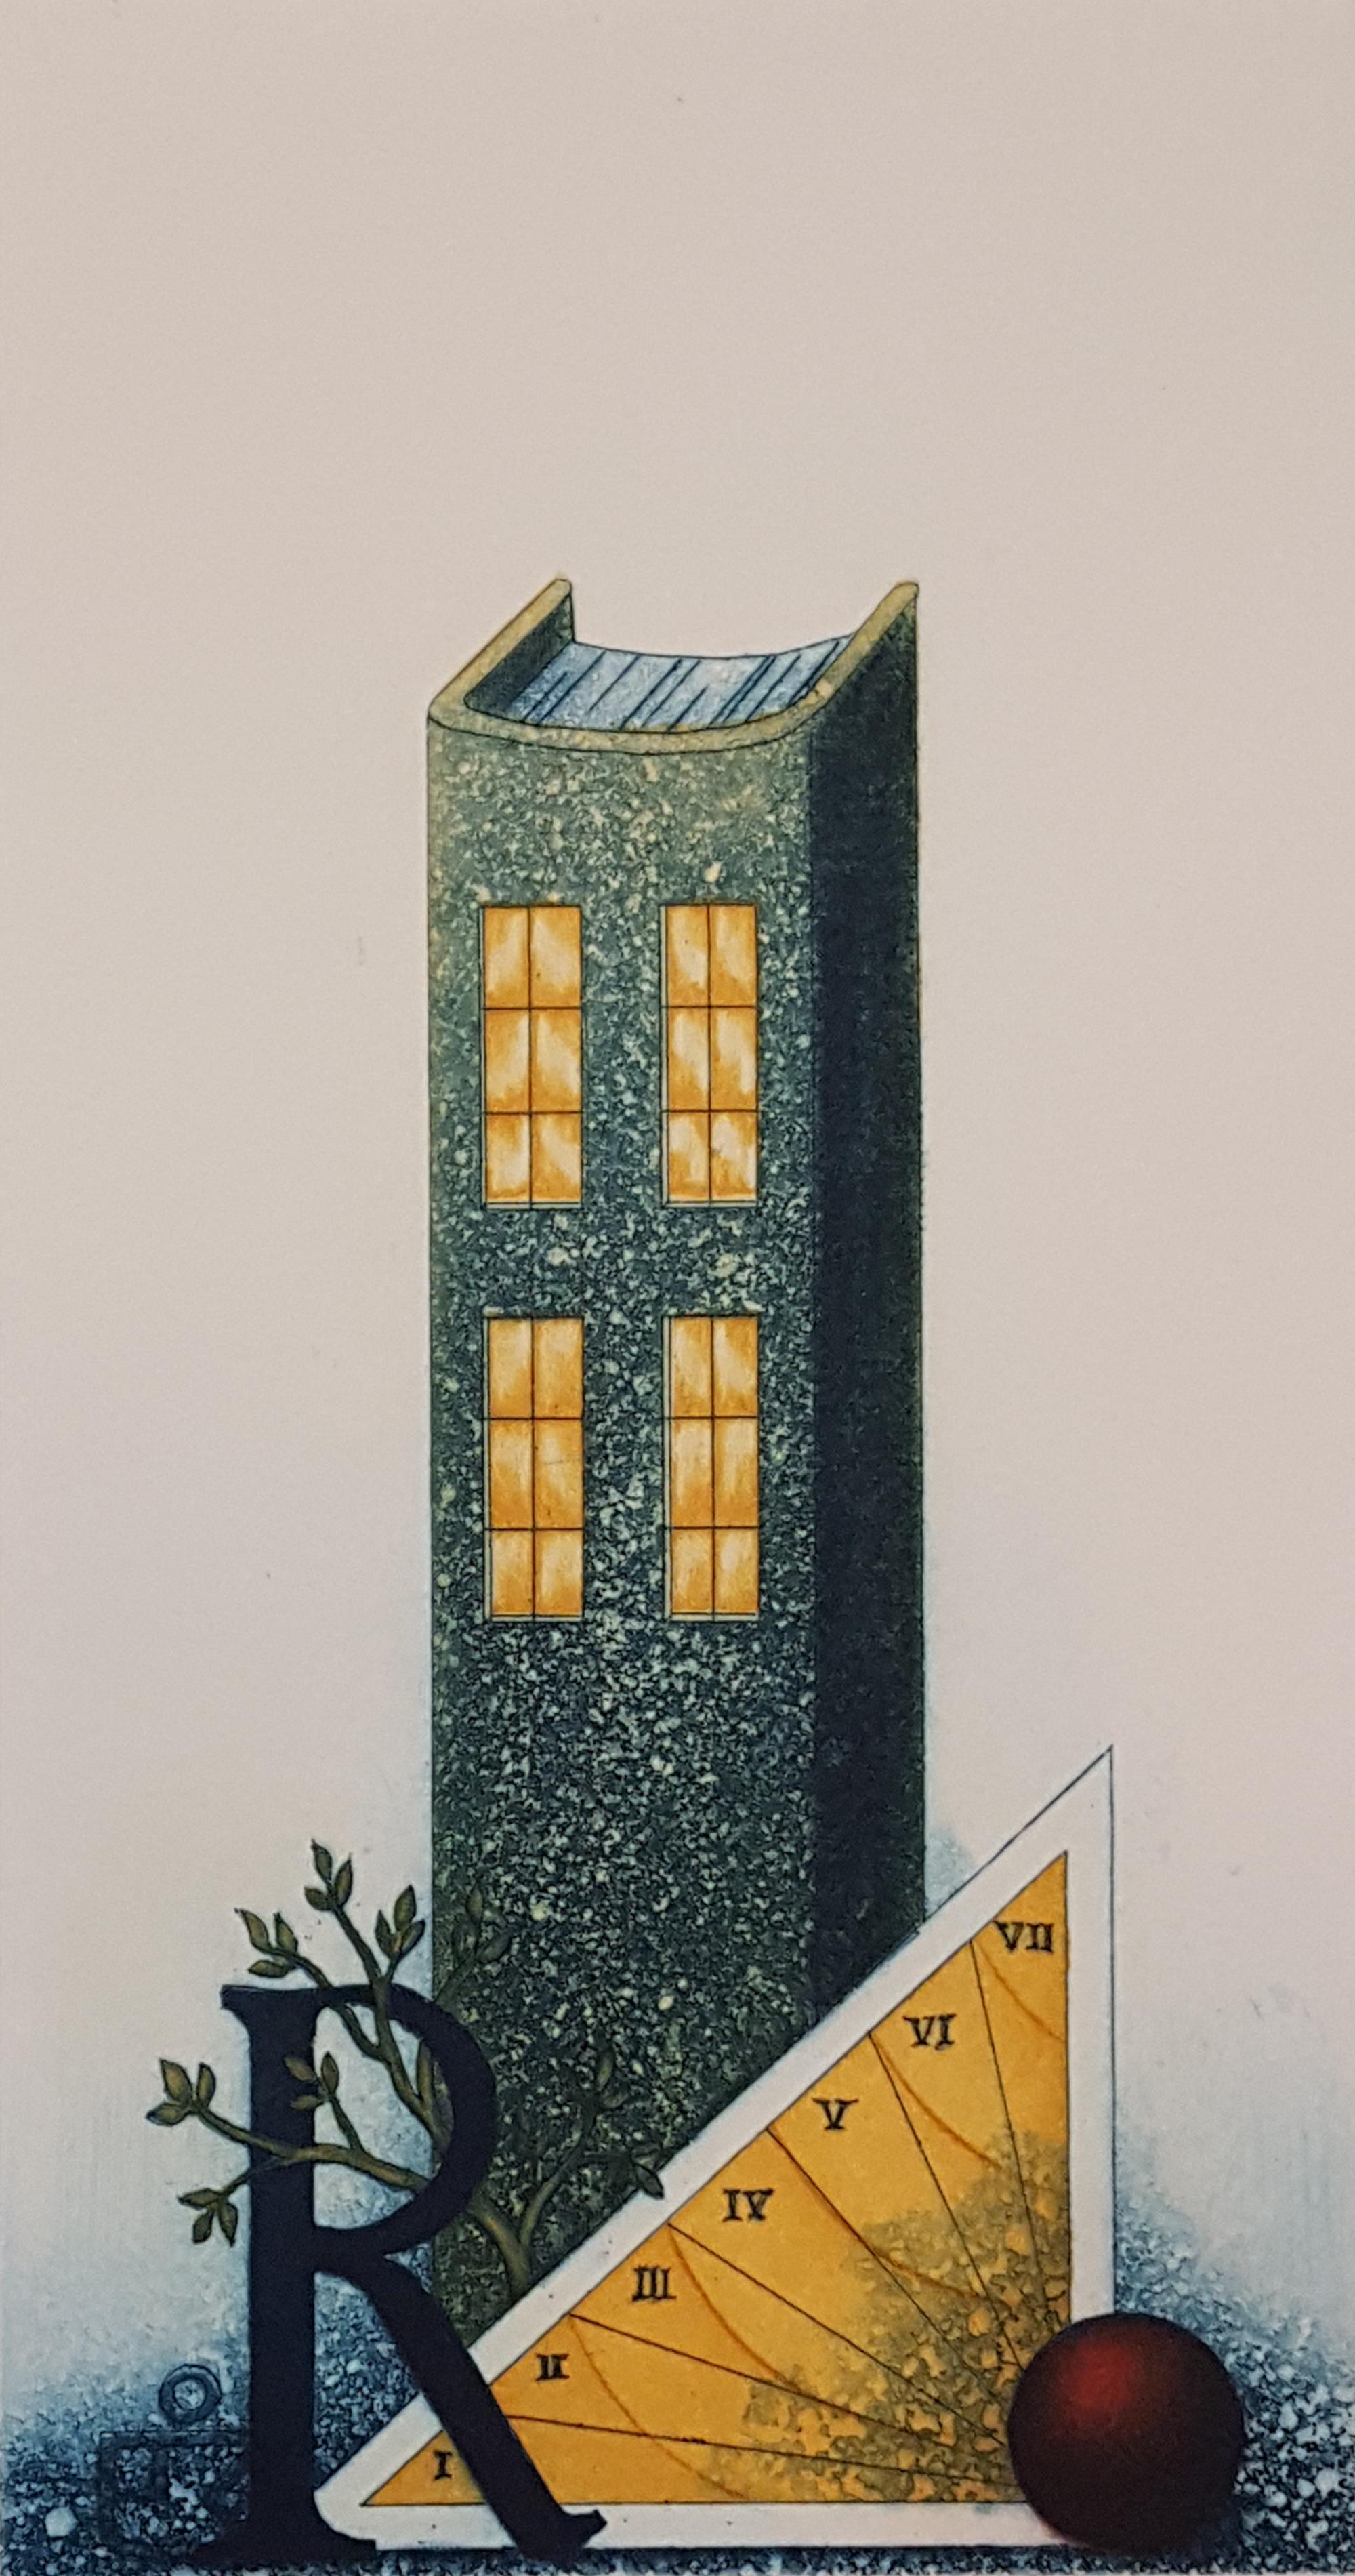 Architect's Book